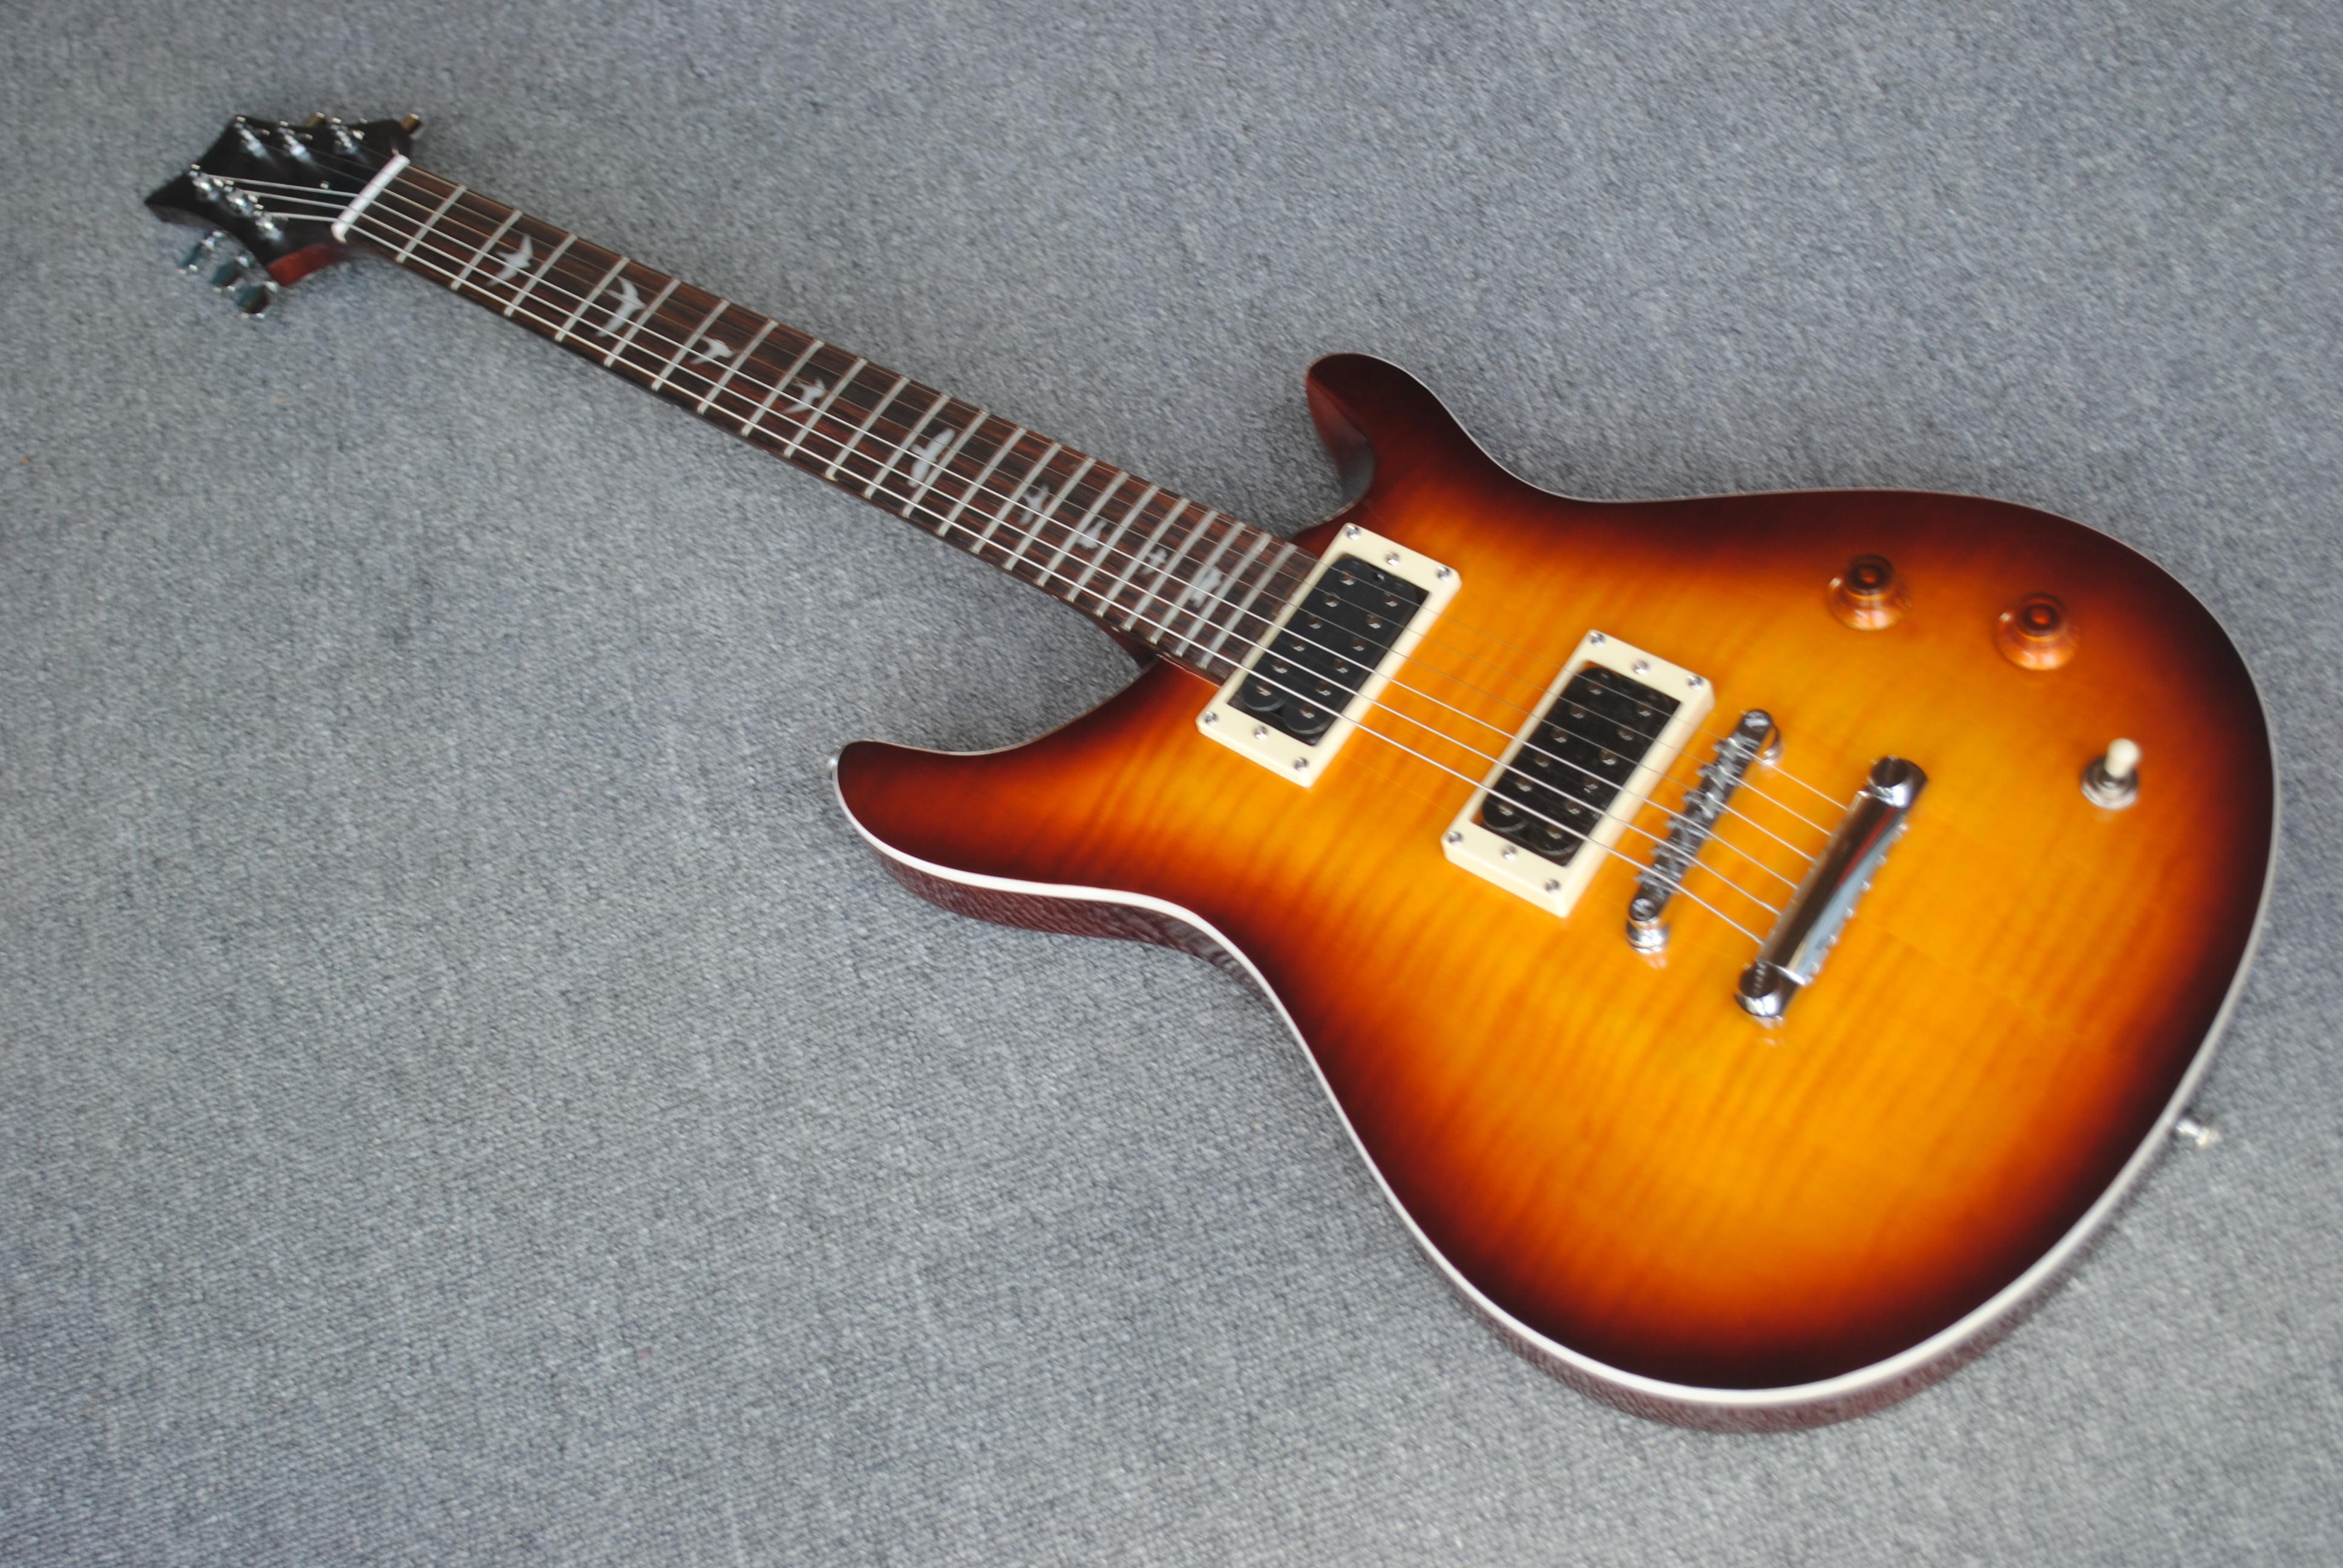 الجيتار العلاقات العامة الجيتار عالية الجودة، رائعة، حسب الطلب، سخونة جيتار جديد من 2020- 41